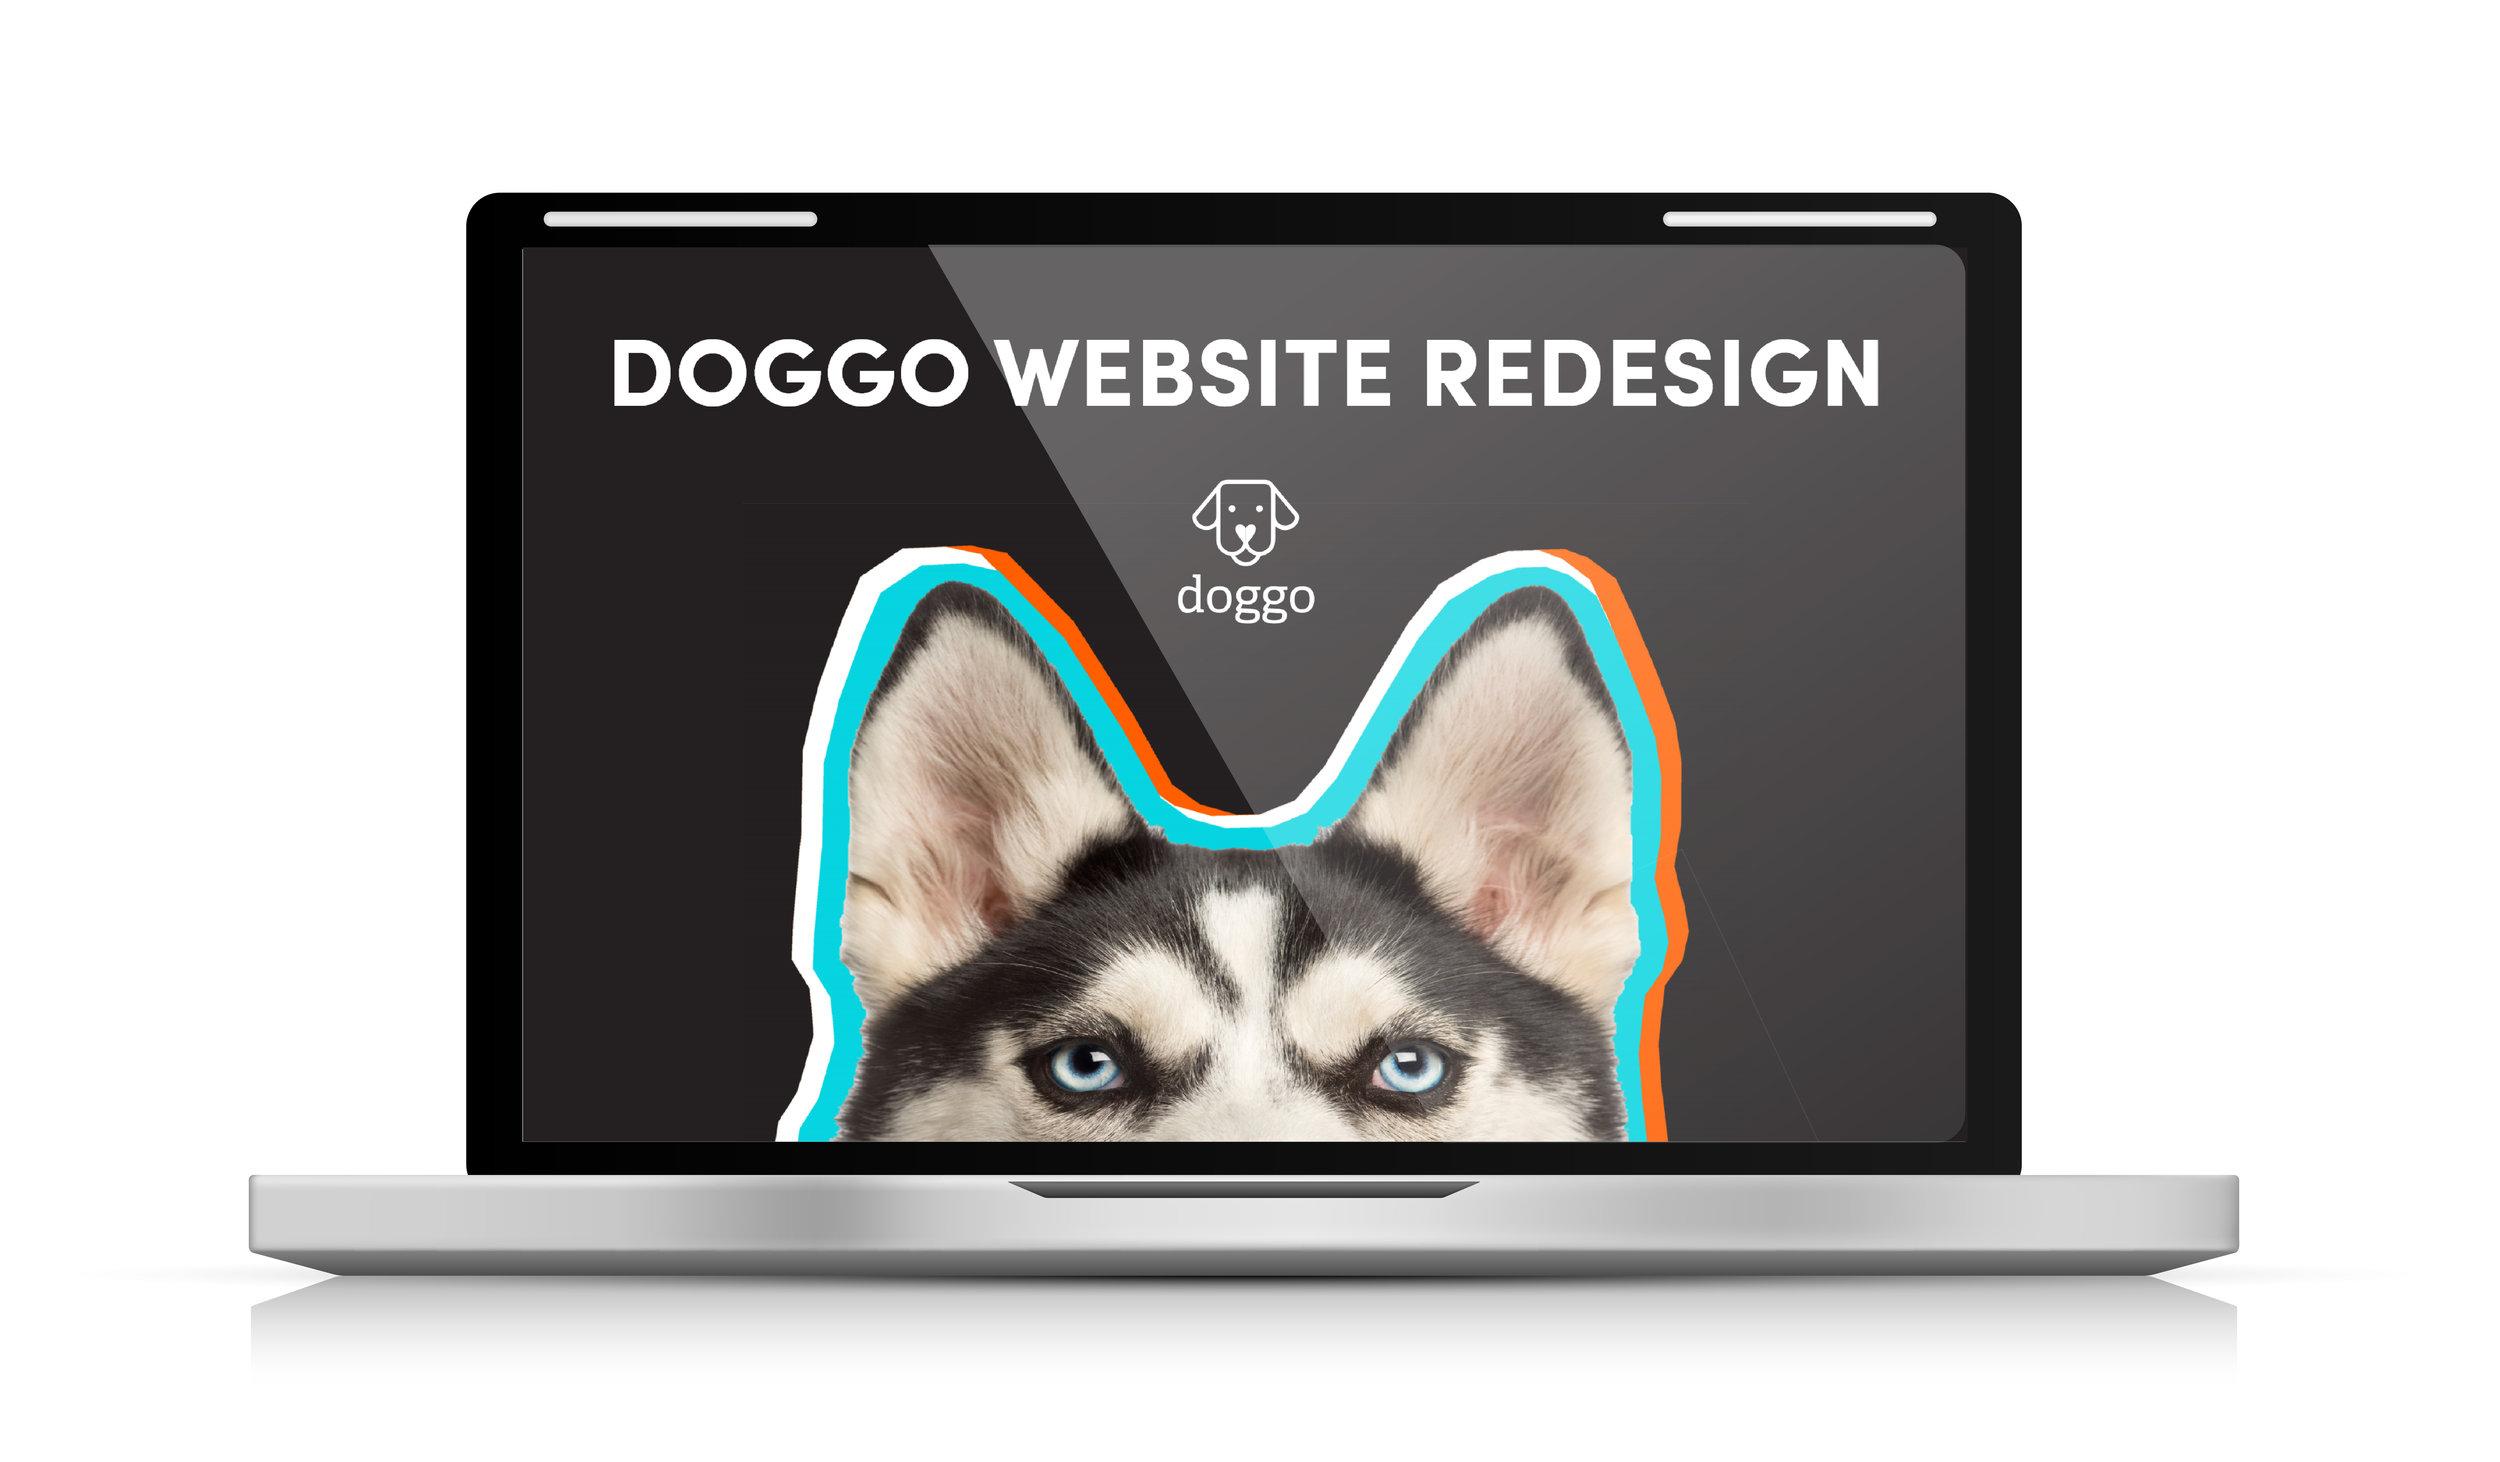 doencreative-doggo-redesign-website-laptop.jpg